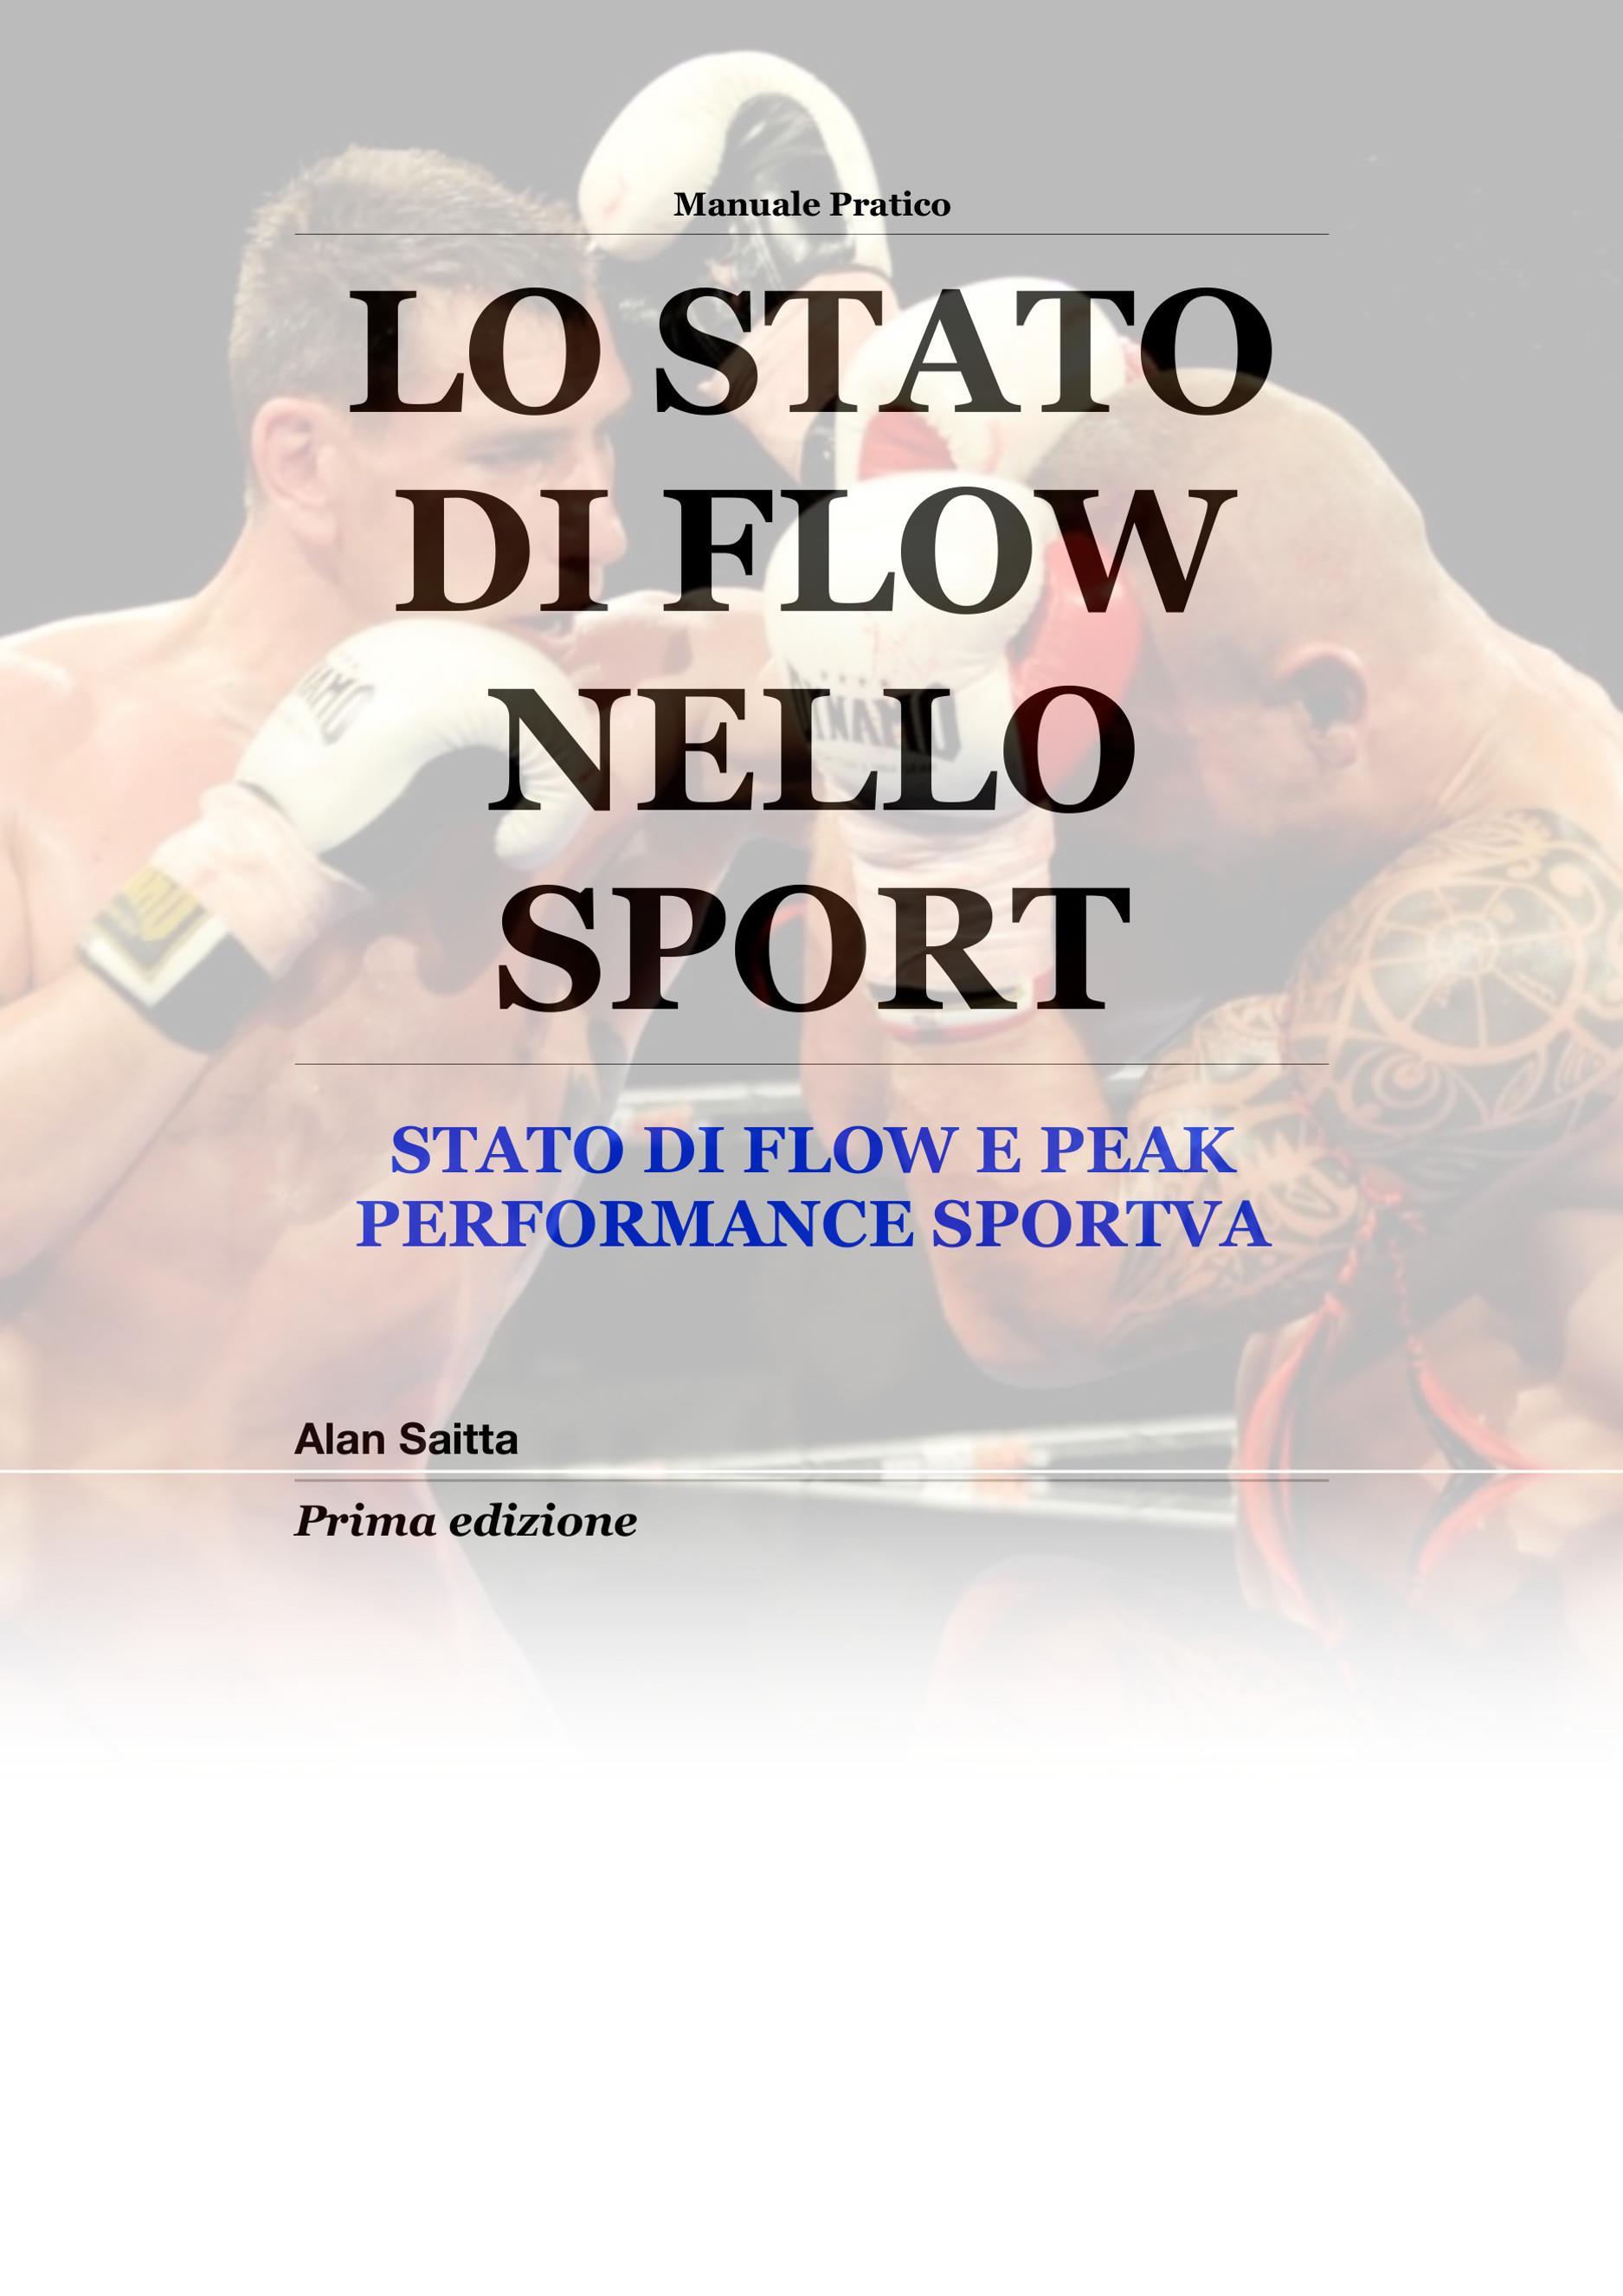 Lo stato di Flow nello sport